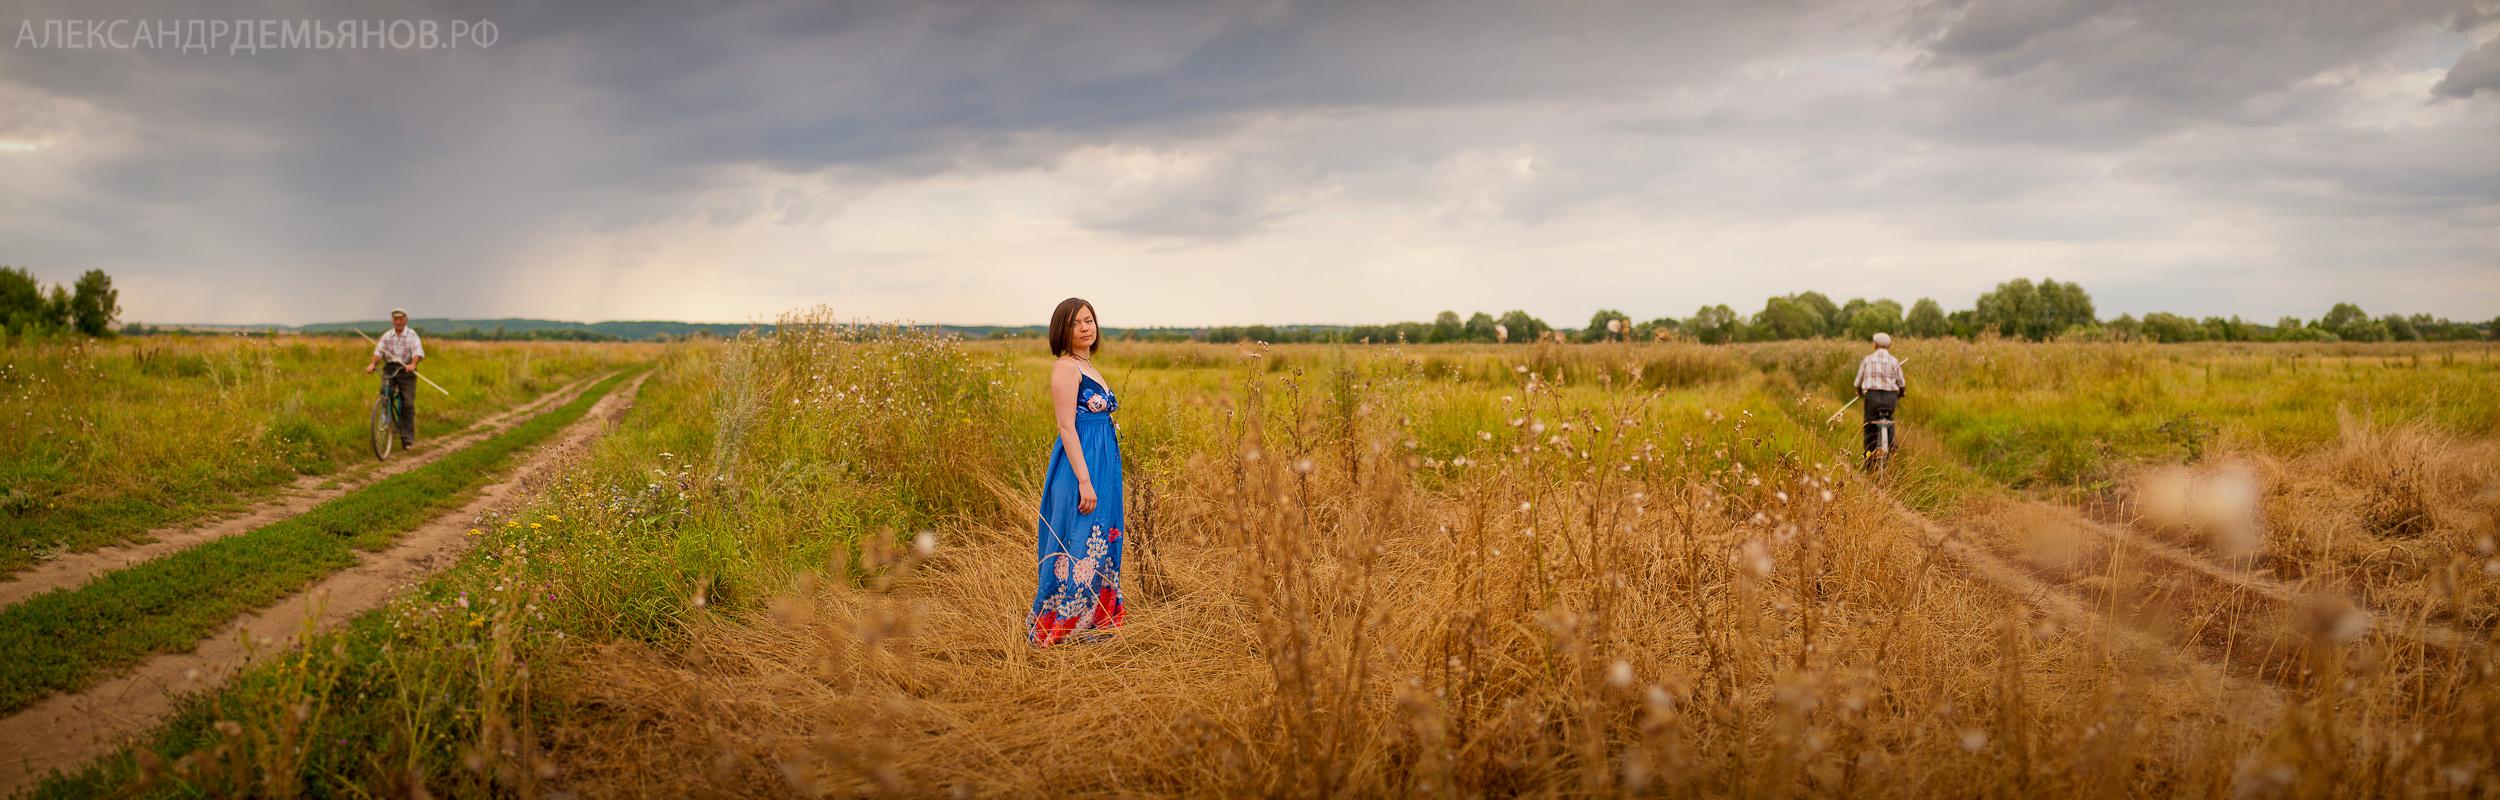 Портрет в поле